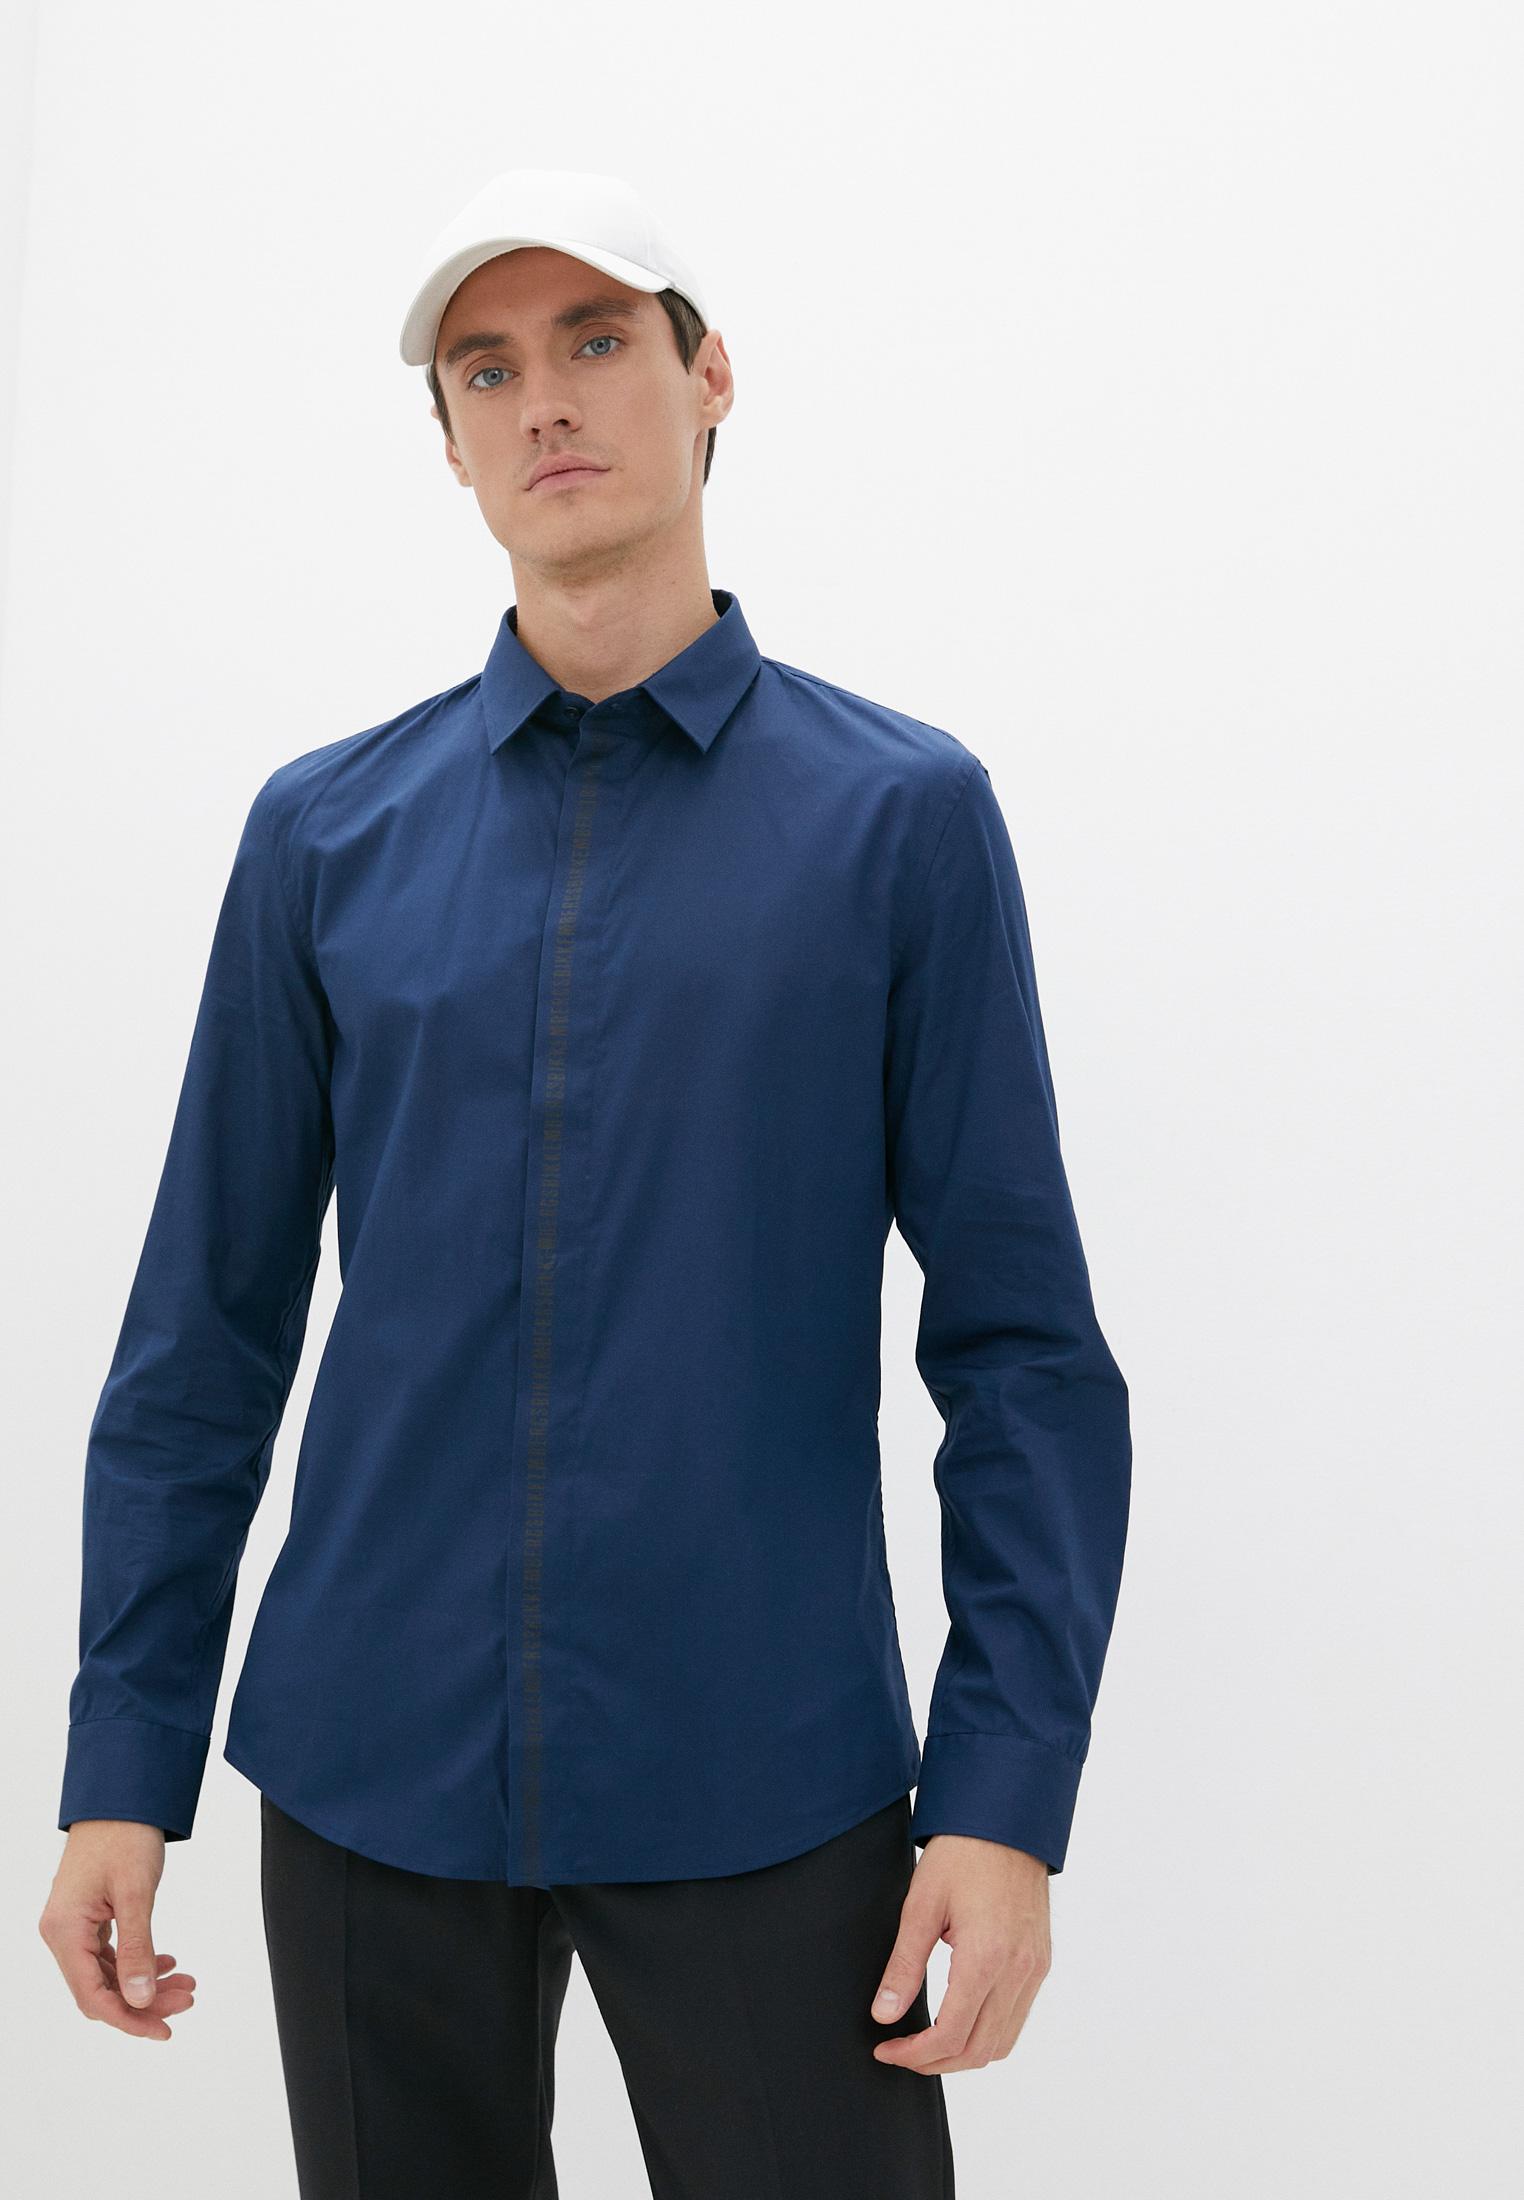 Рубашка с длинным рукавом Bikkembergs (Биккембергс) C C 011 03 S 2931